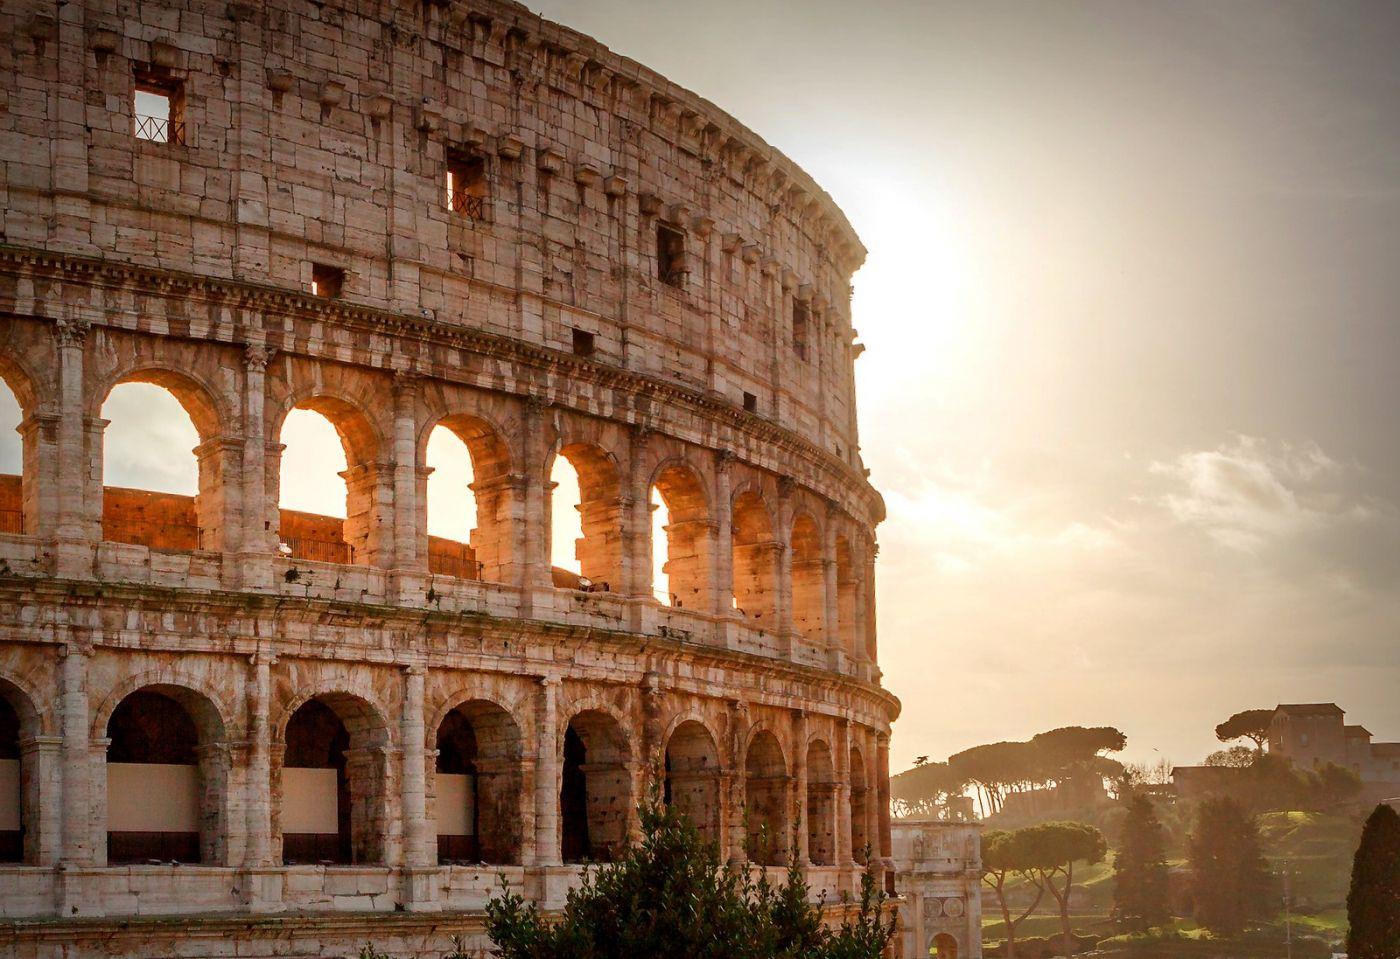 罗马斗兽场(Colosseum), 两千年的宏大建筑古迹_图1-4